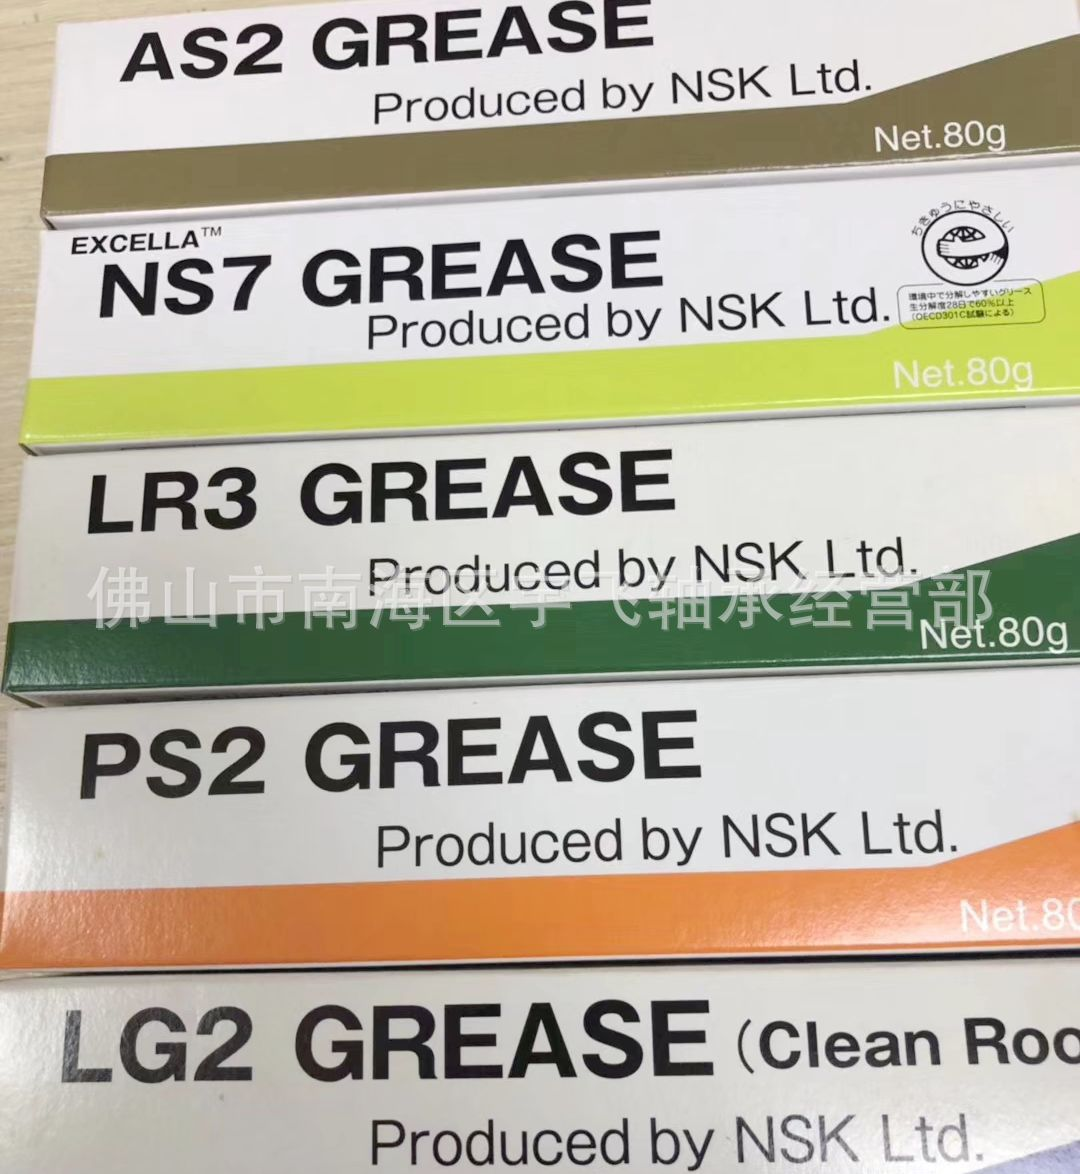 NSK进口油脂PS2润滑脂精密机械丝杆轴承导轨滑块白色润滑油 80G